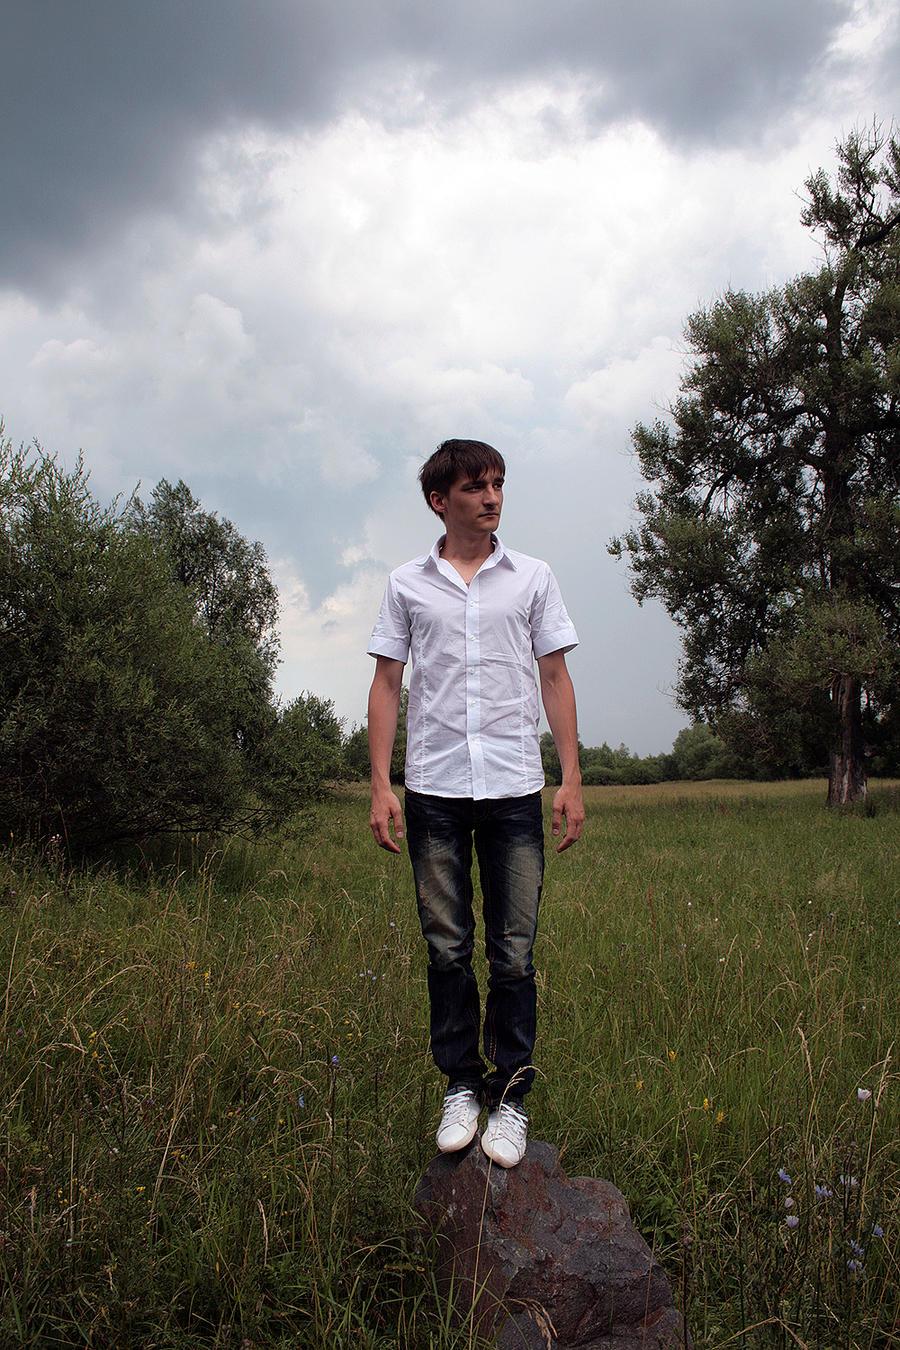 igor-tomko's Profile Picture